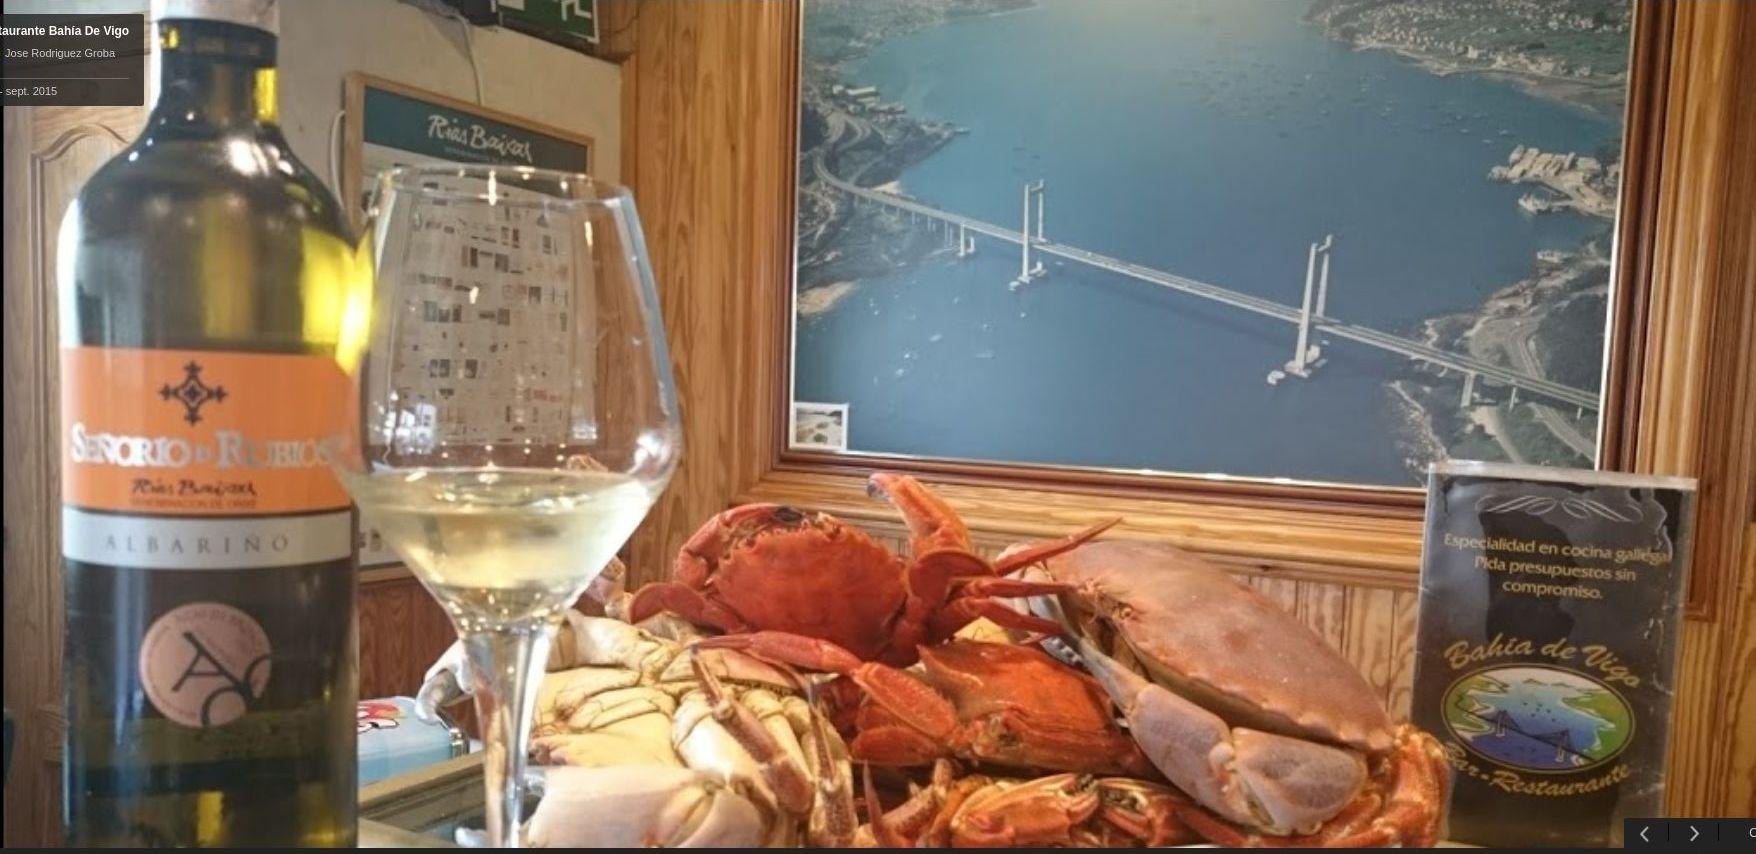 Foto 19 de Cocina gallega en Madrid | Restaurante Bahía De Vigo